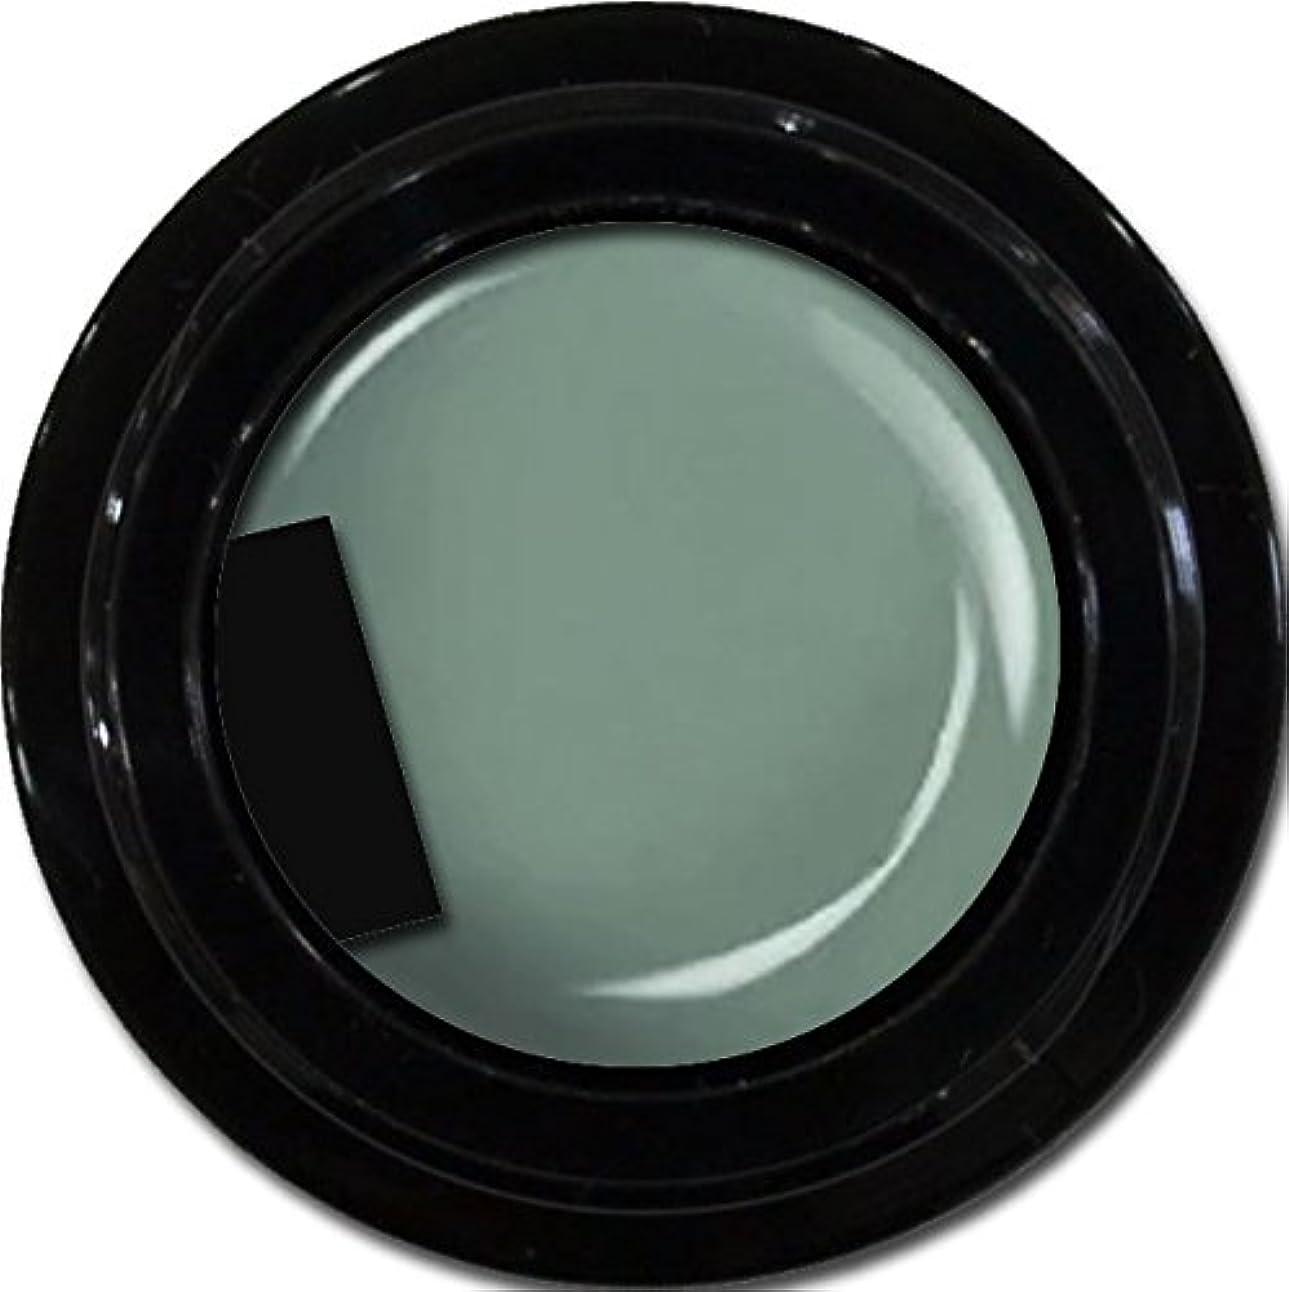 すぐに先住民経由でカラージェル enchant color gel M716 Khaki 3g/ マットカラージェル M716 カーキー 3グラム